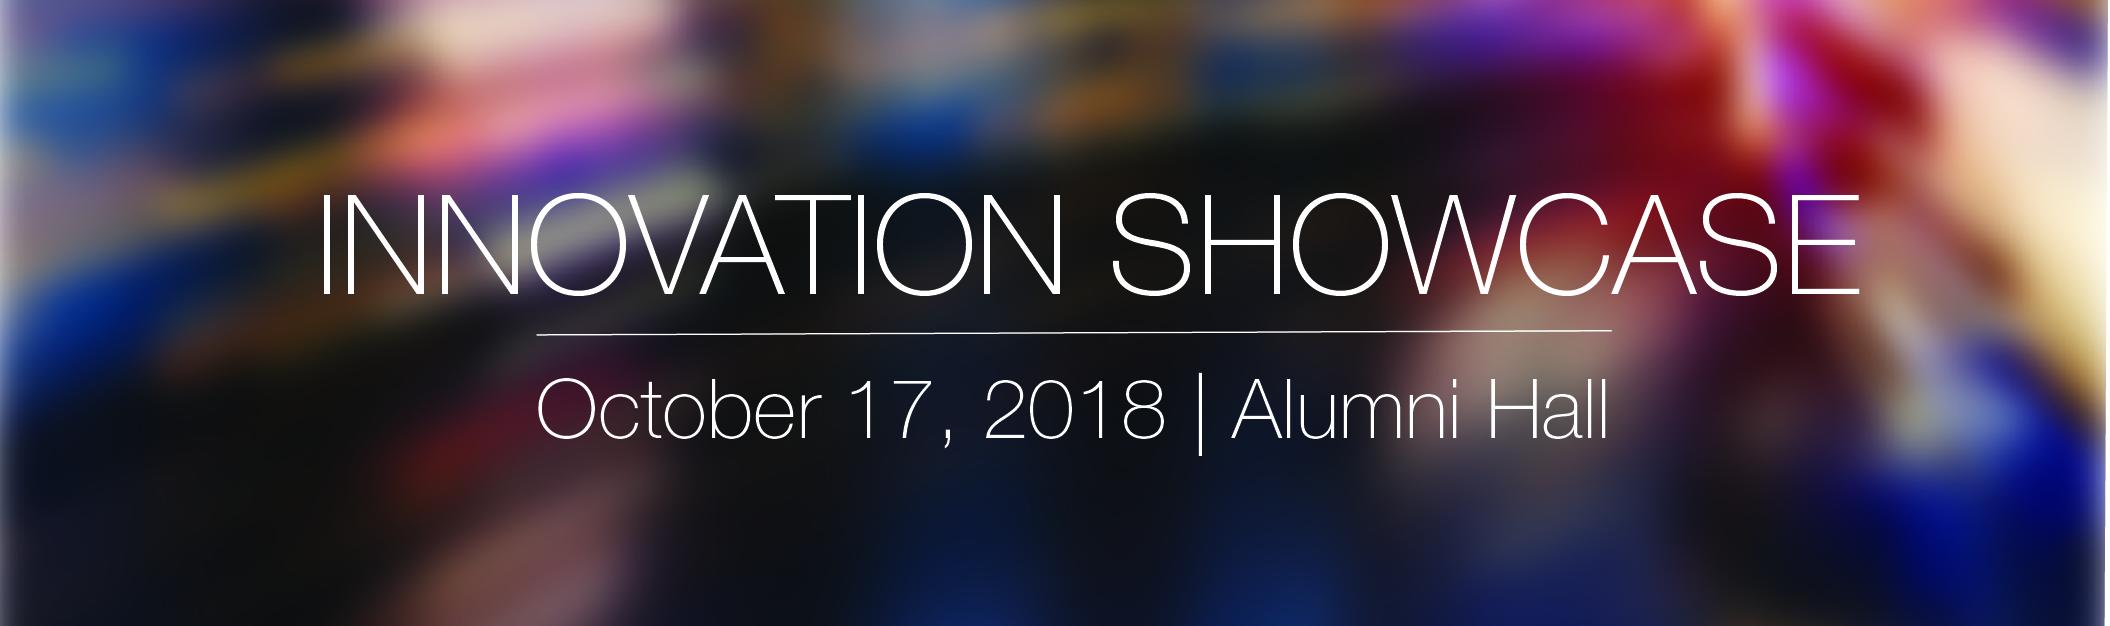 Innovation Showcase 2-1.jpg